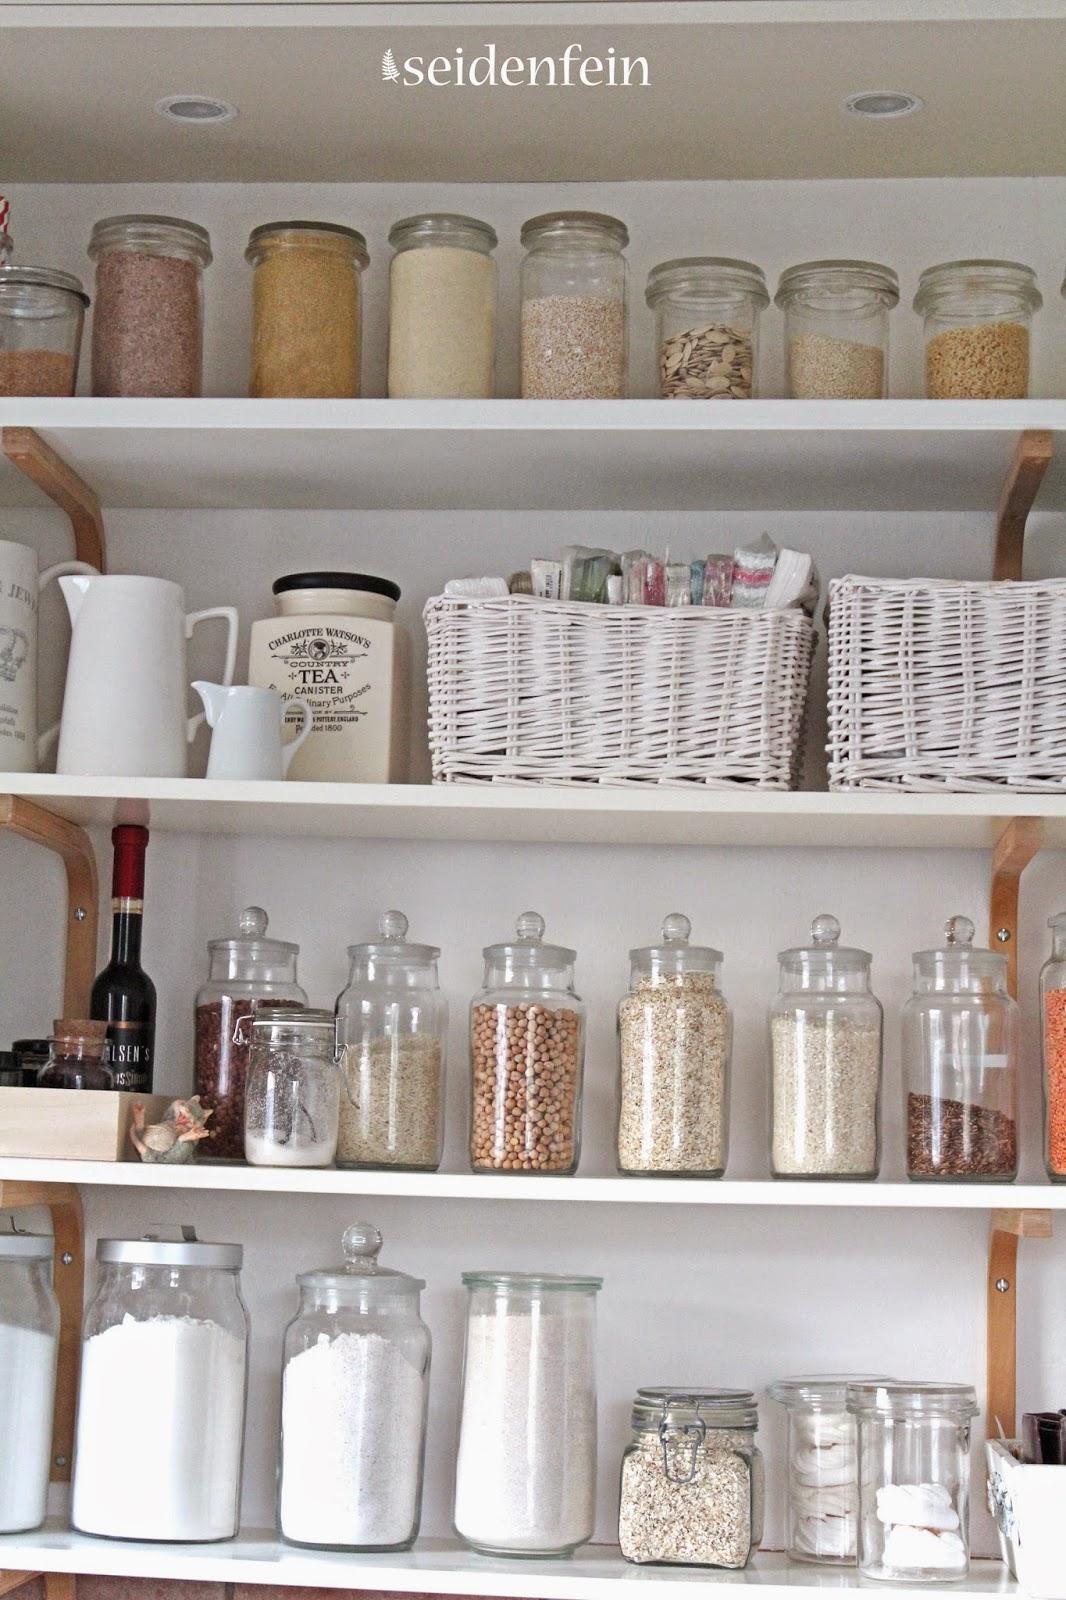 seidenfeins Blog vom schönen Landleben: Küche